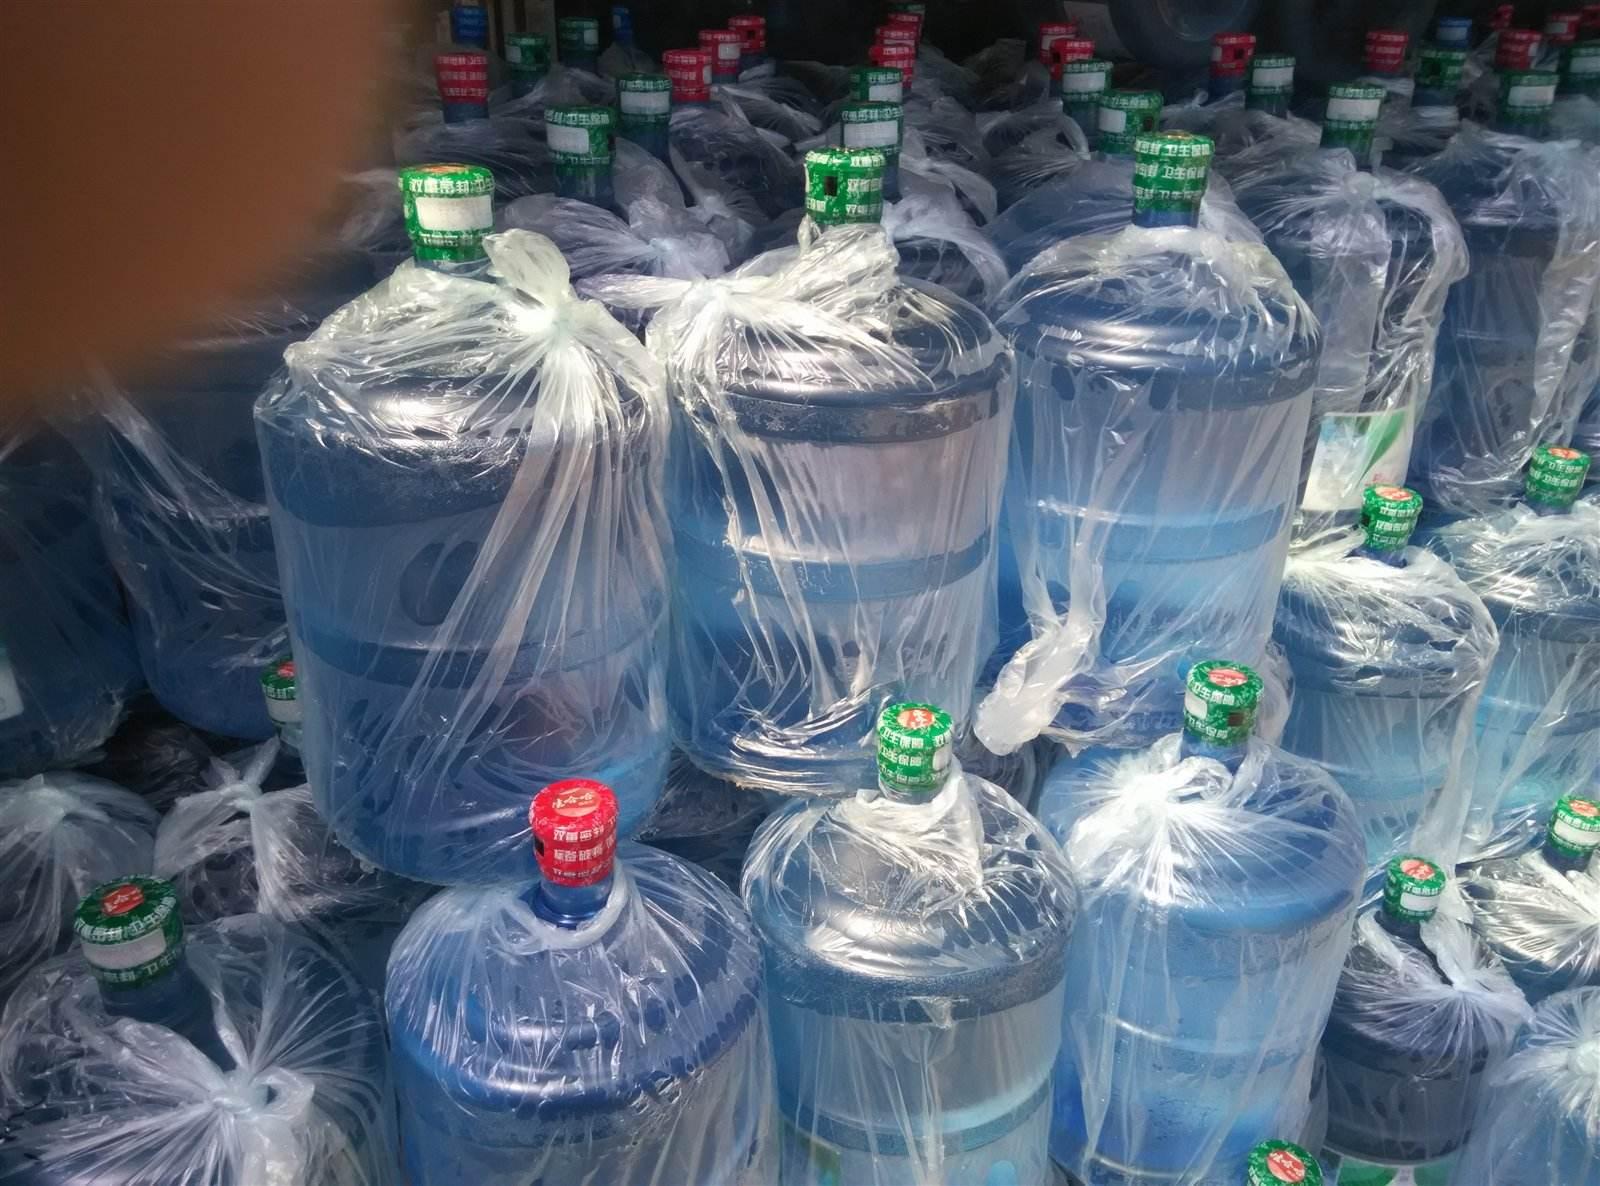 湖里区桶装水保质期多久